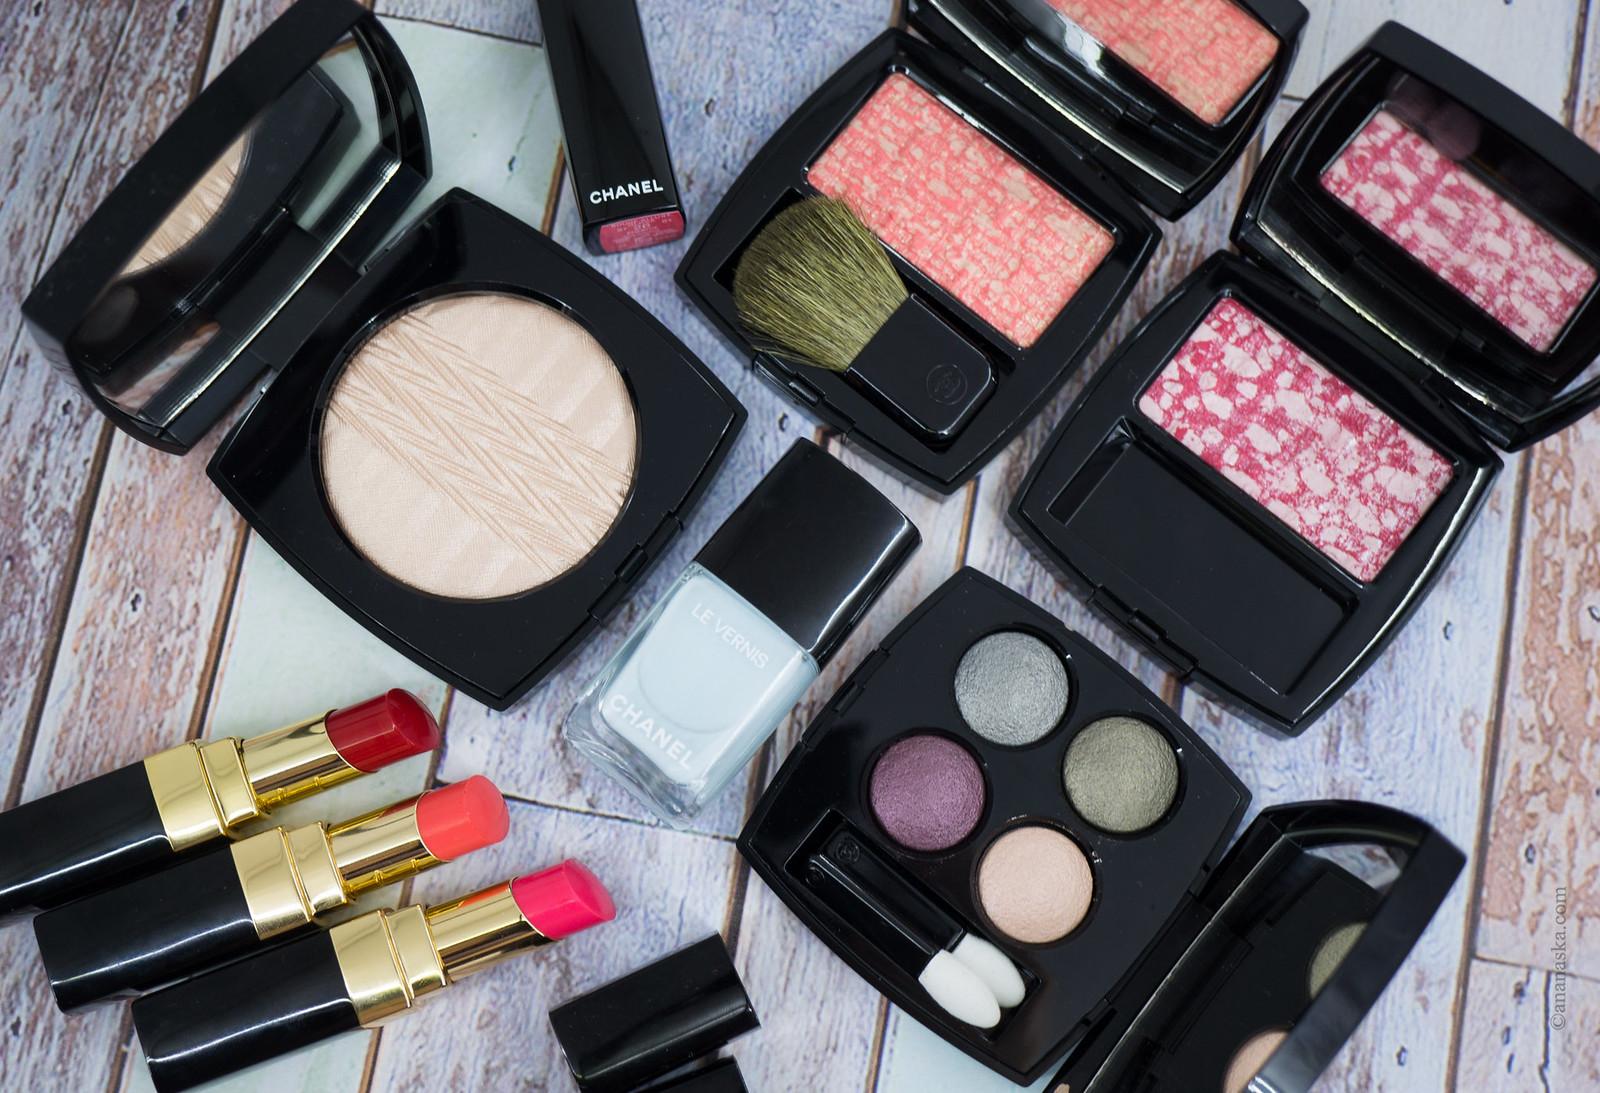 Chanel Energies et Puretes de Chanel 2017